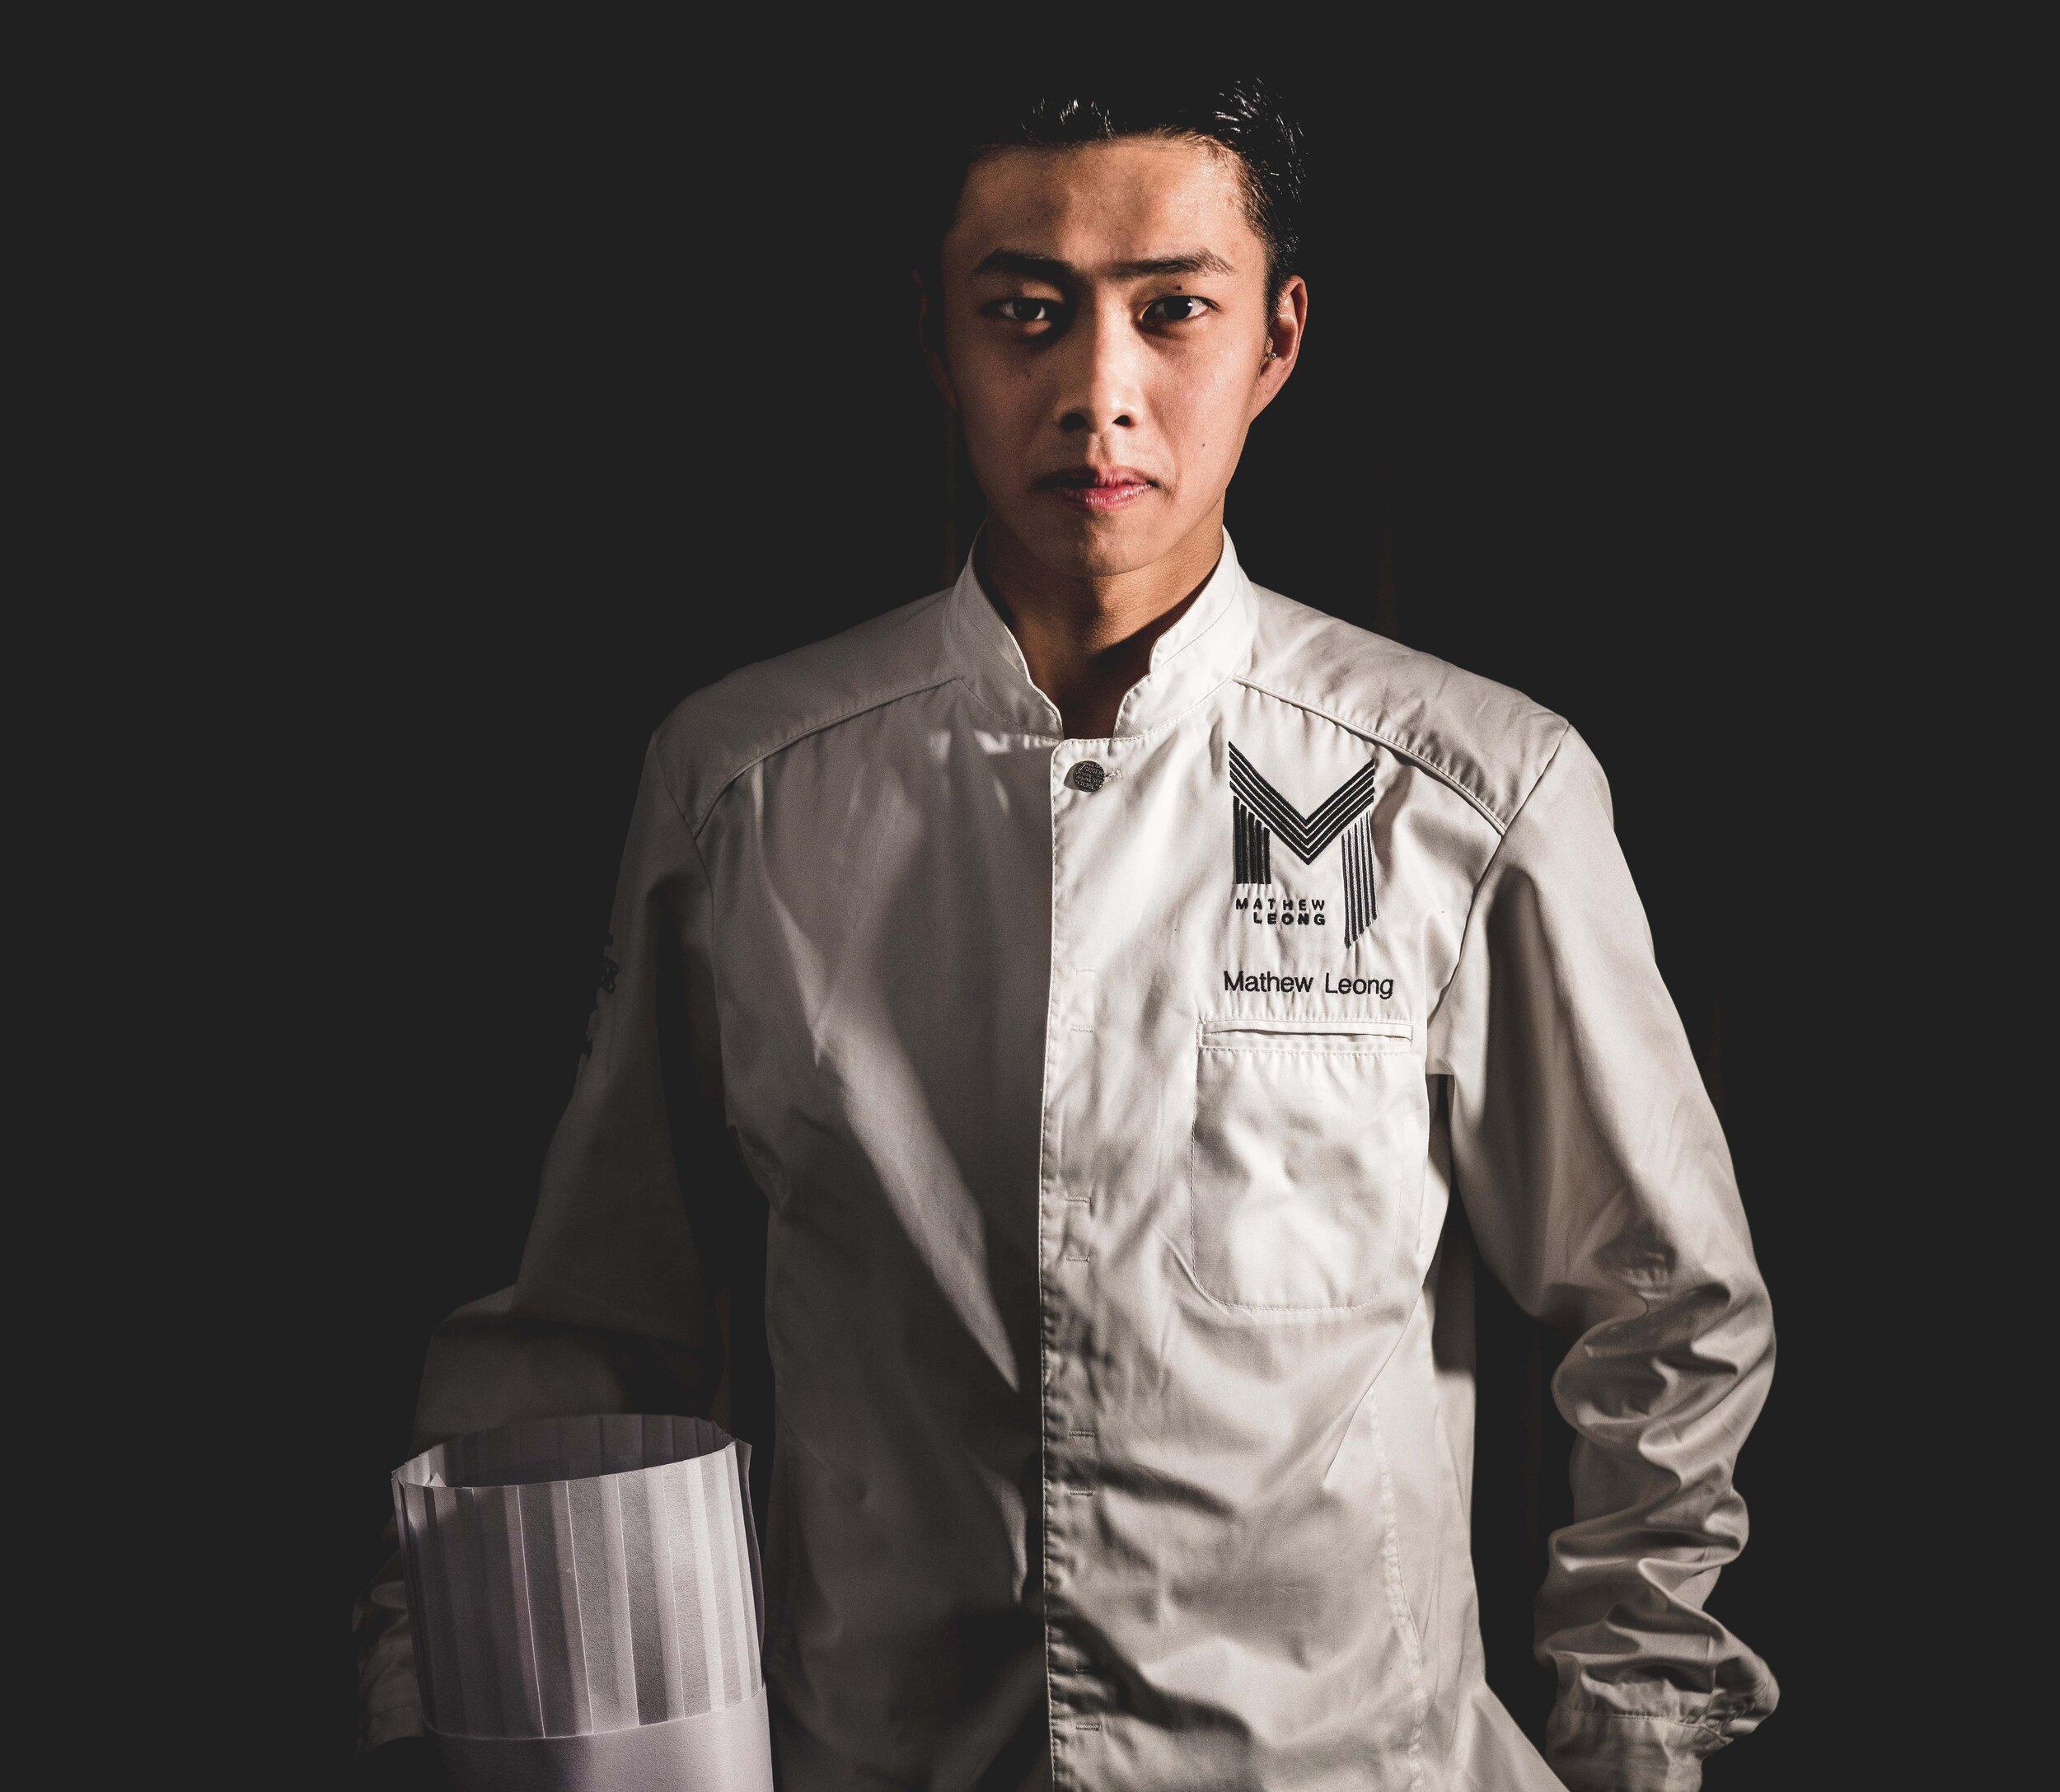 Mathew Leong med kokkeoverdel levert av Nor Tekstil